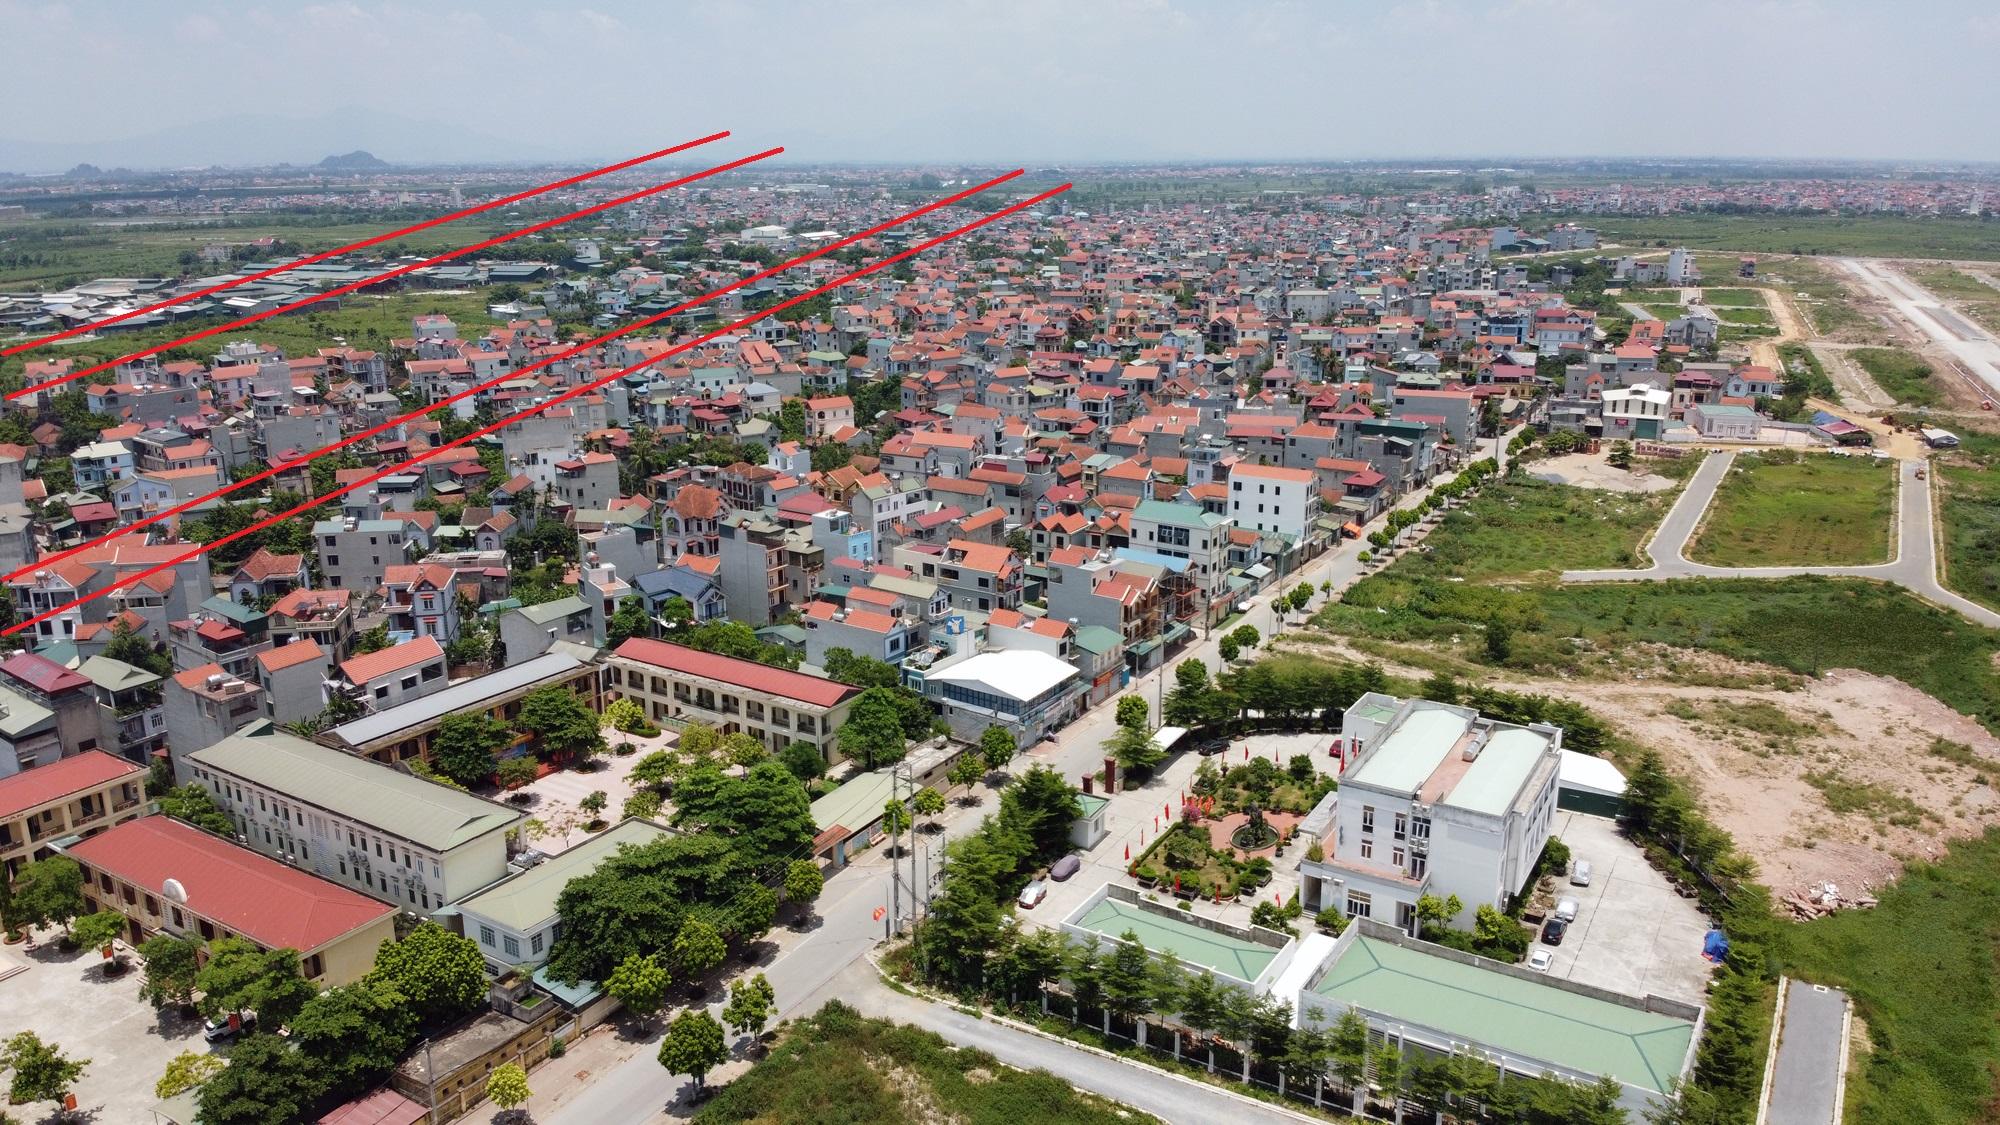 Đường sẽ mở theo qui hoạch ở Hà Nội: Toàn cảnh trục Hồ Tây - Ba Vì đến Vành đai 4 - Ảnh 22.